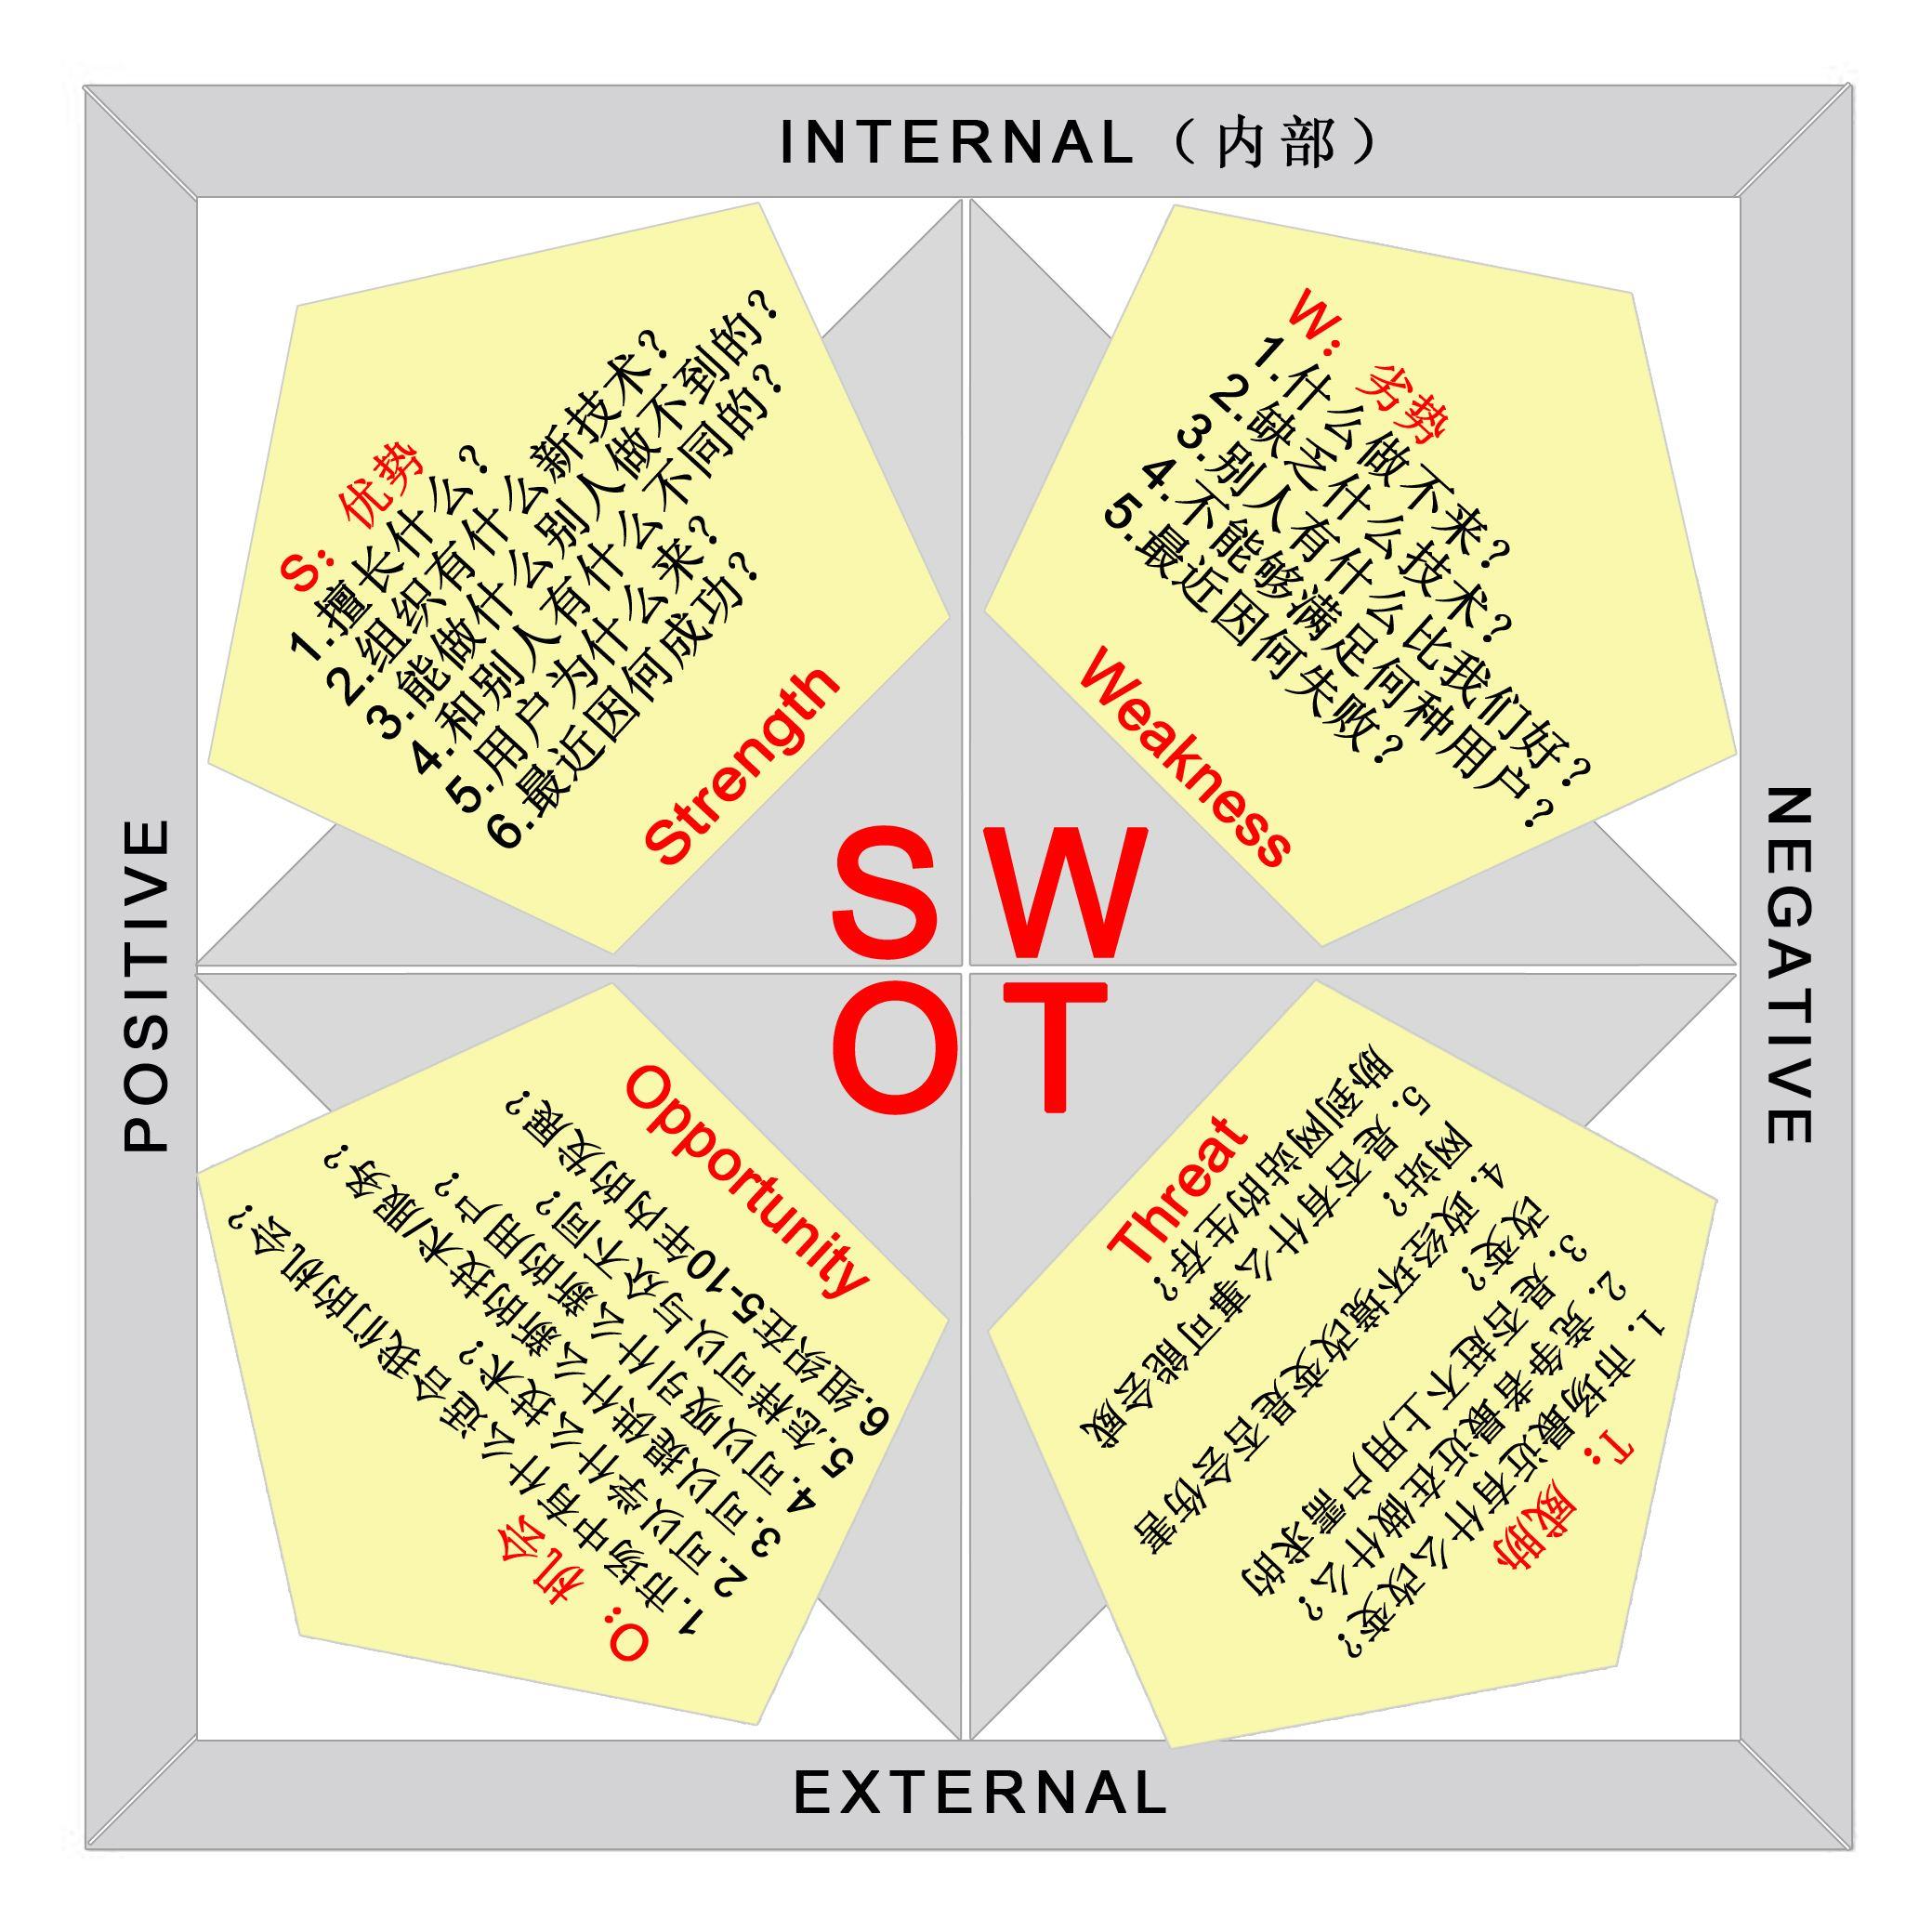 重庆SEO技术公司SWOT分析法